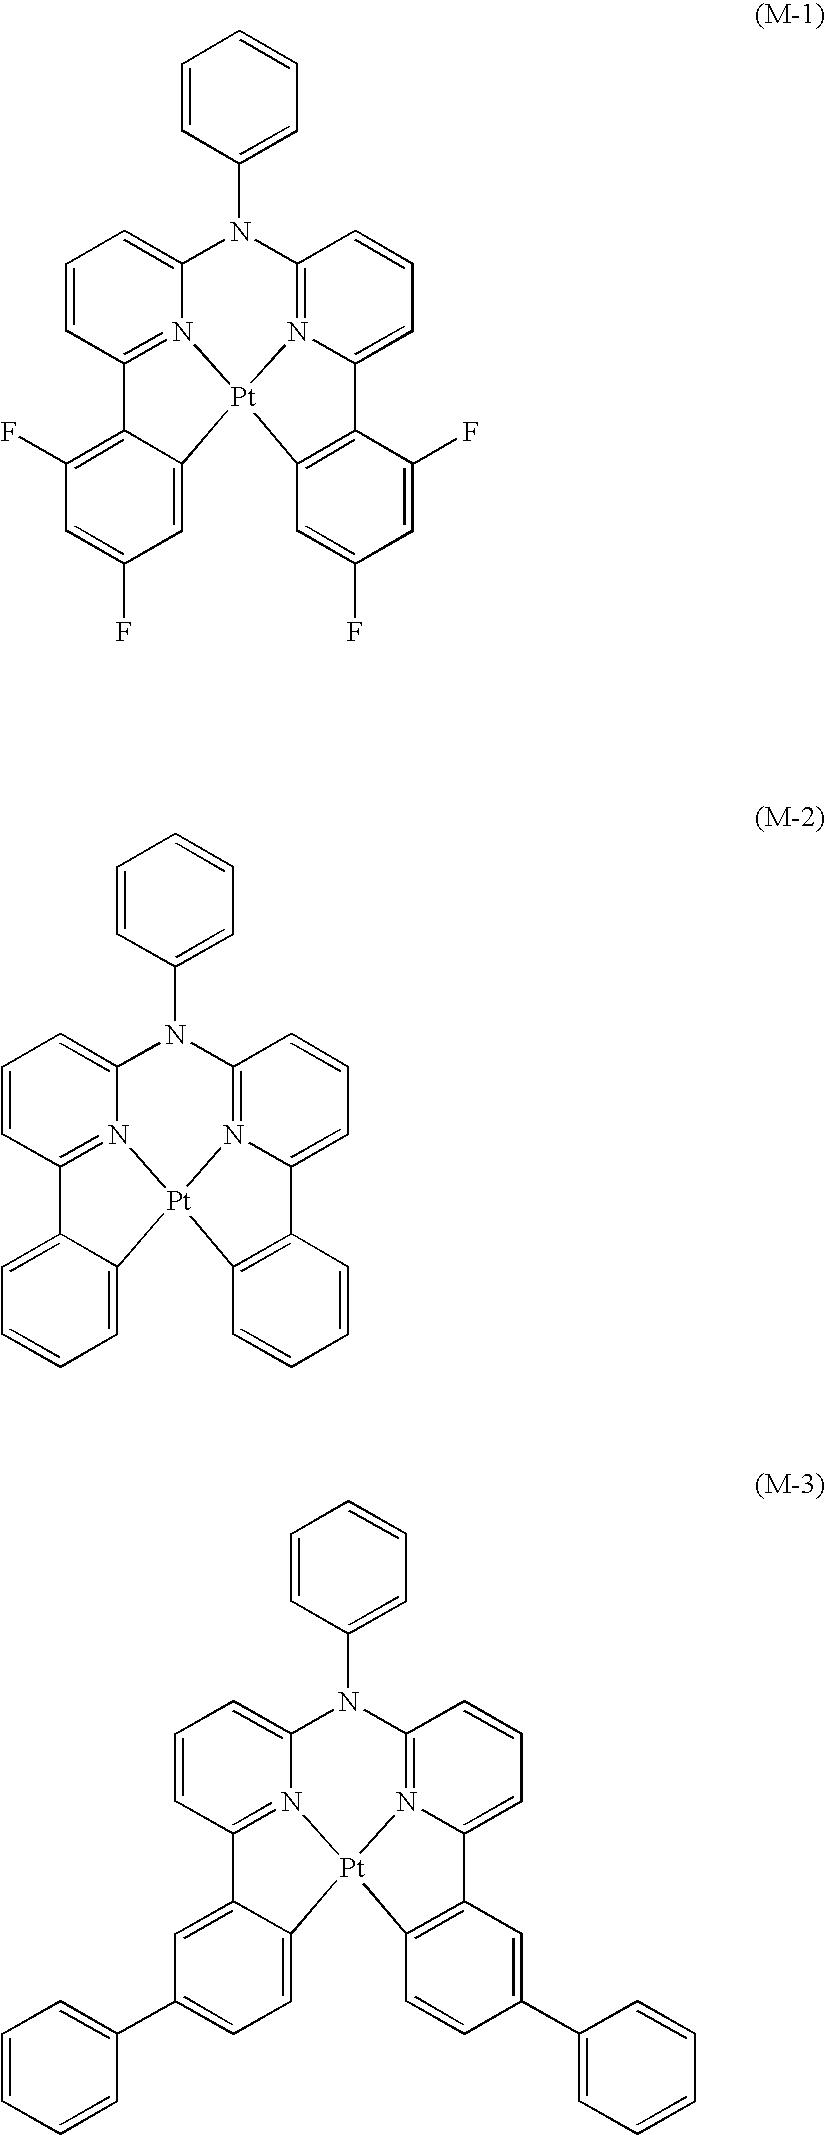 Figure US20090001885A1-20090101-C00021